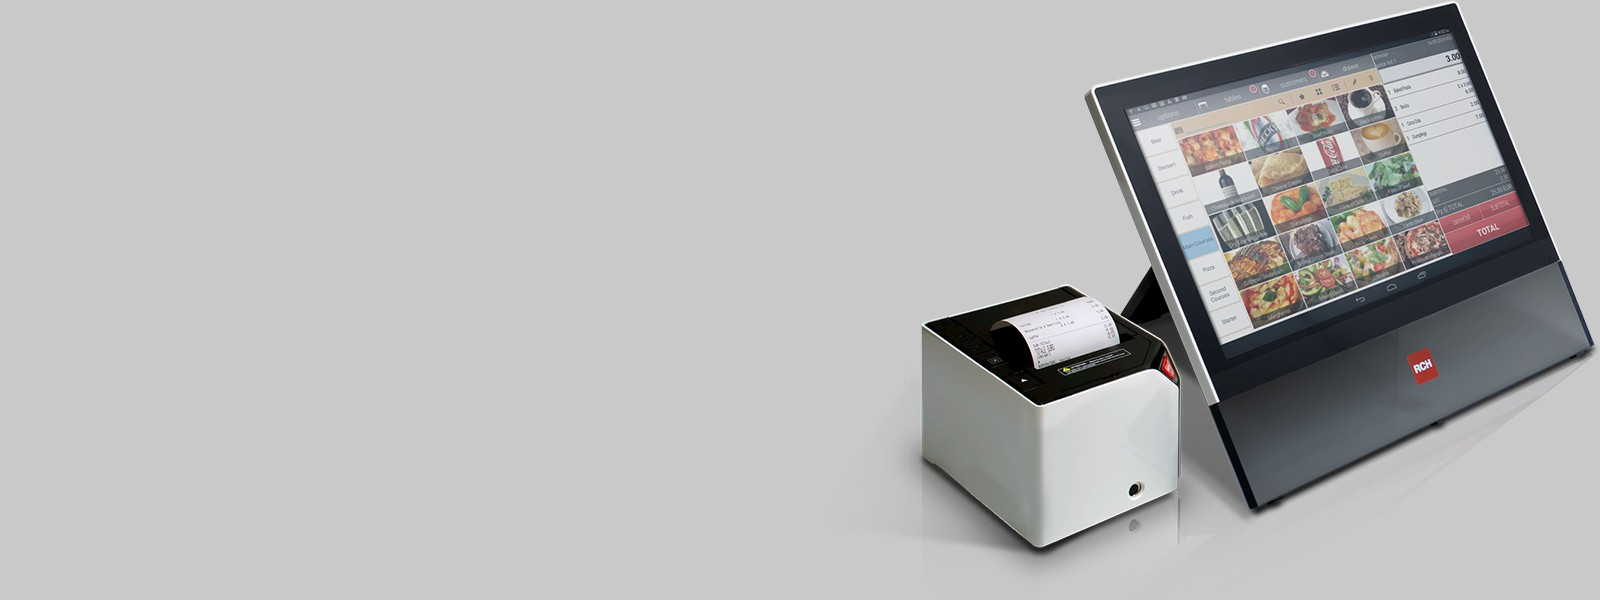 Slide sistemi personalizzati - Dimar Service - Napoli